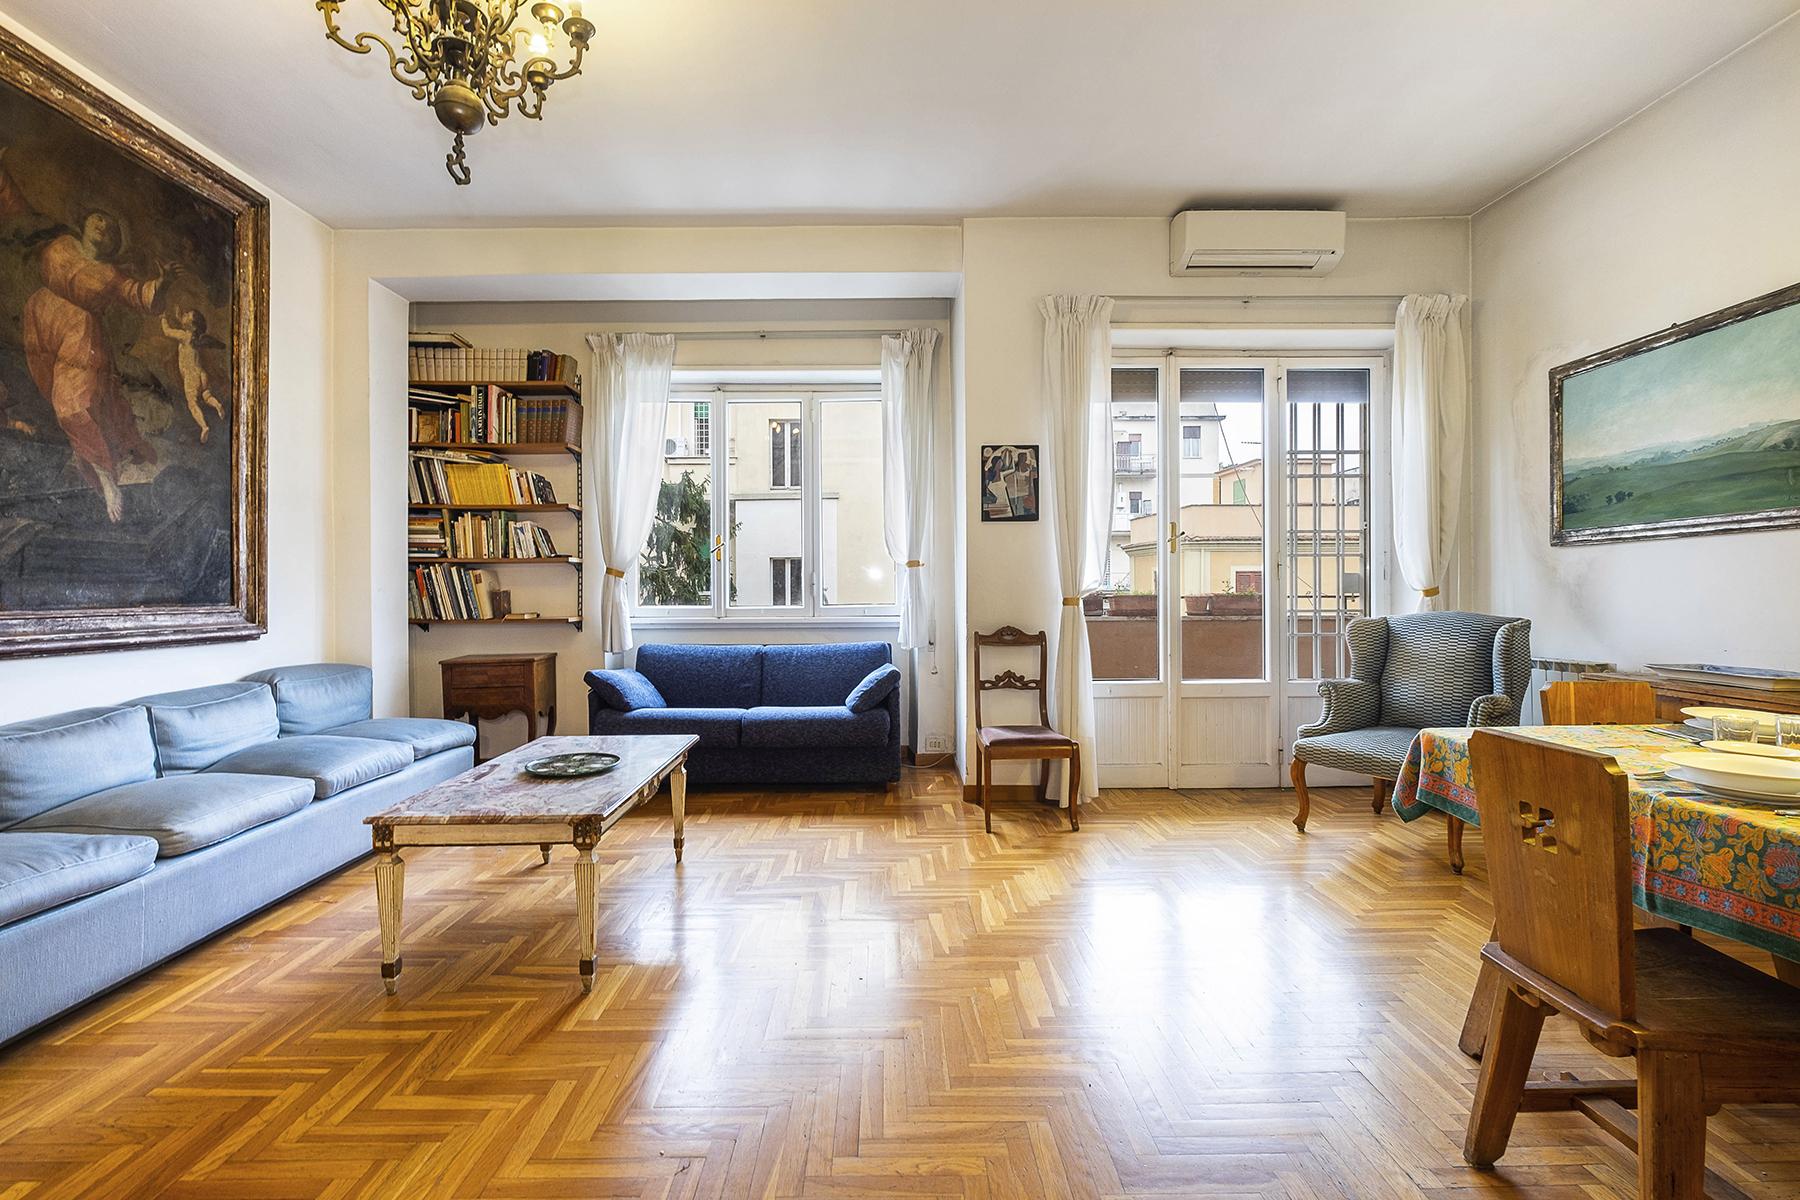 Appartamento in Vendita a Roma 29 Monteverde / Gianicolense / Colli Portuensi: 5 locali, 93 mq